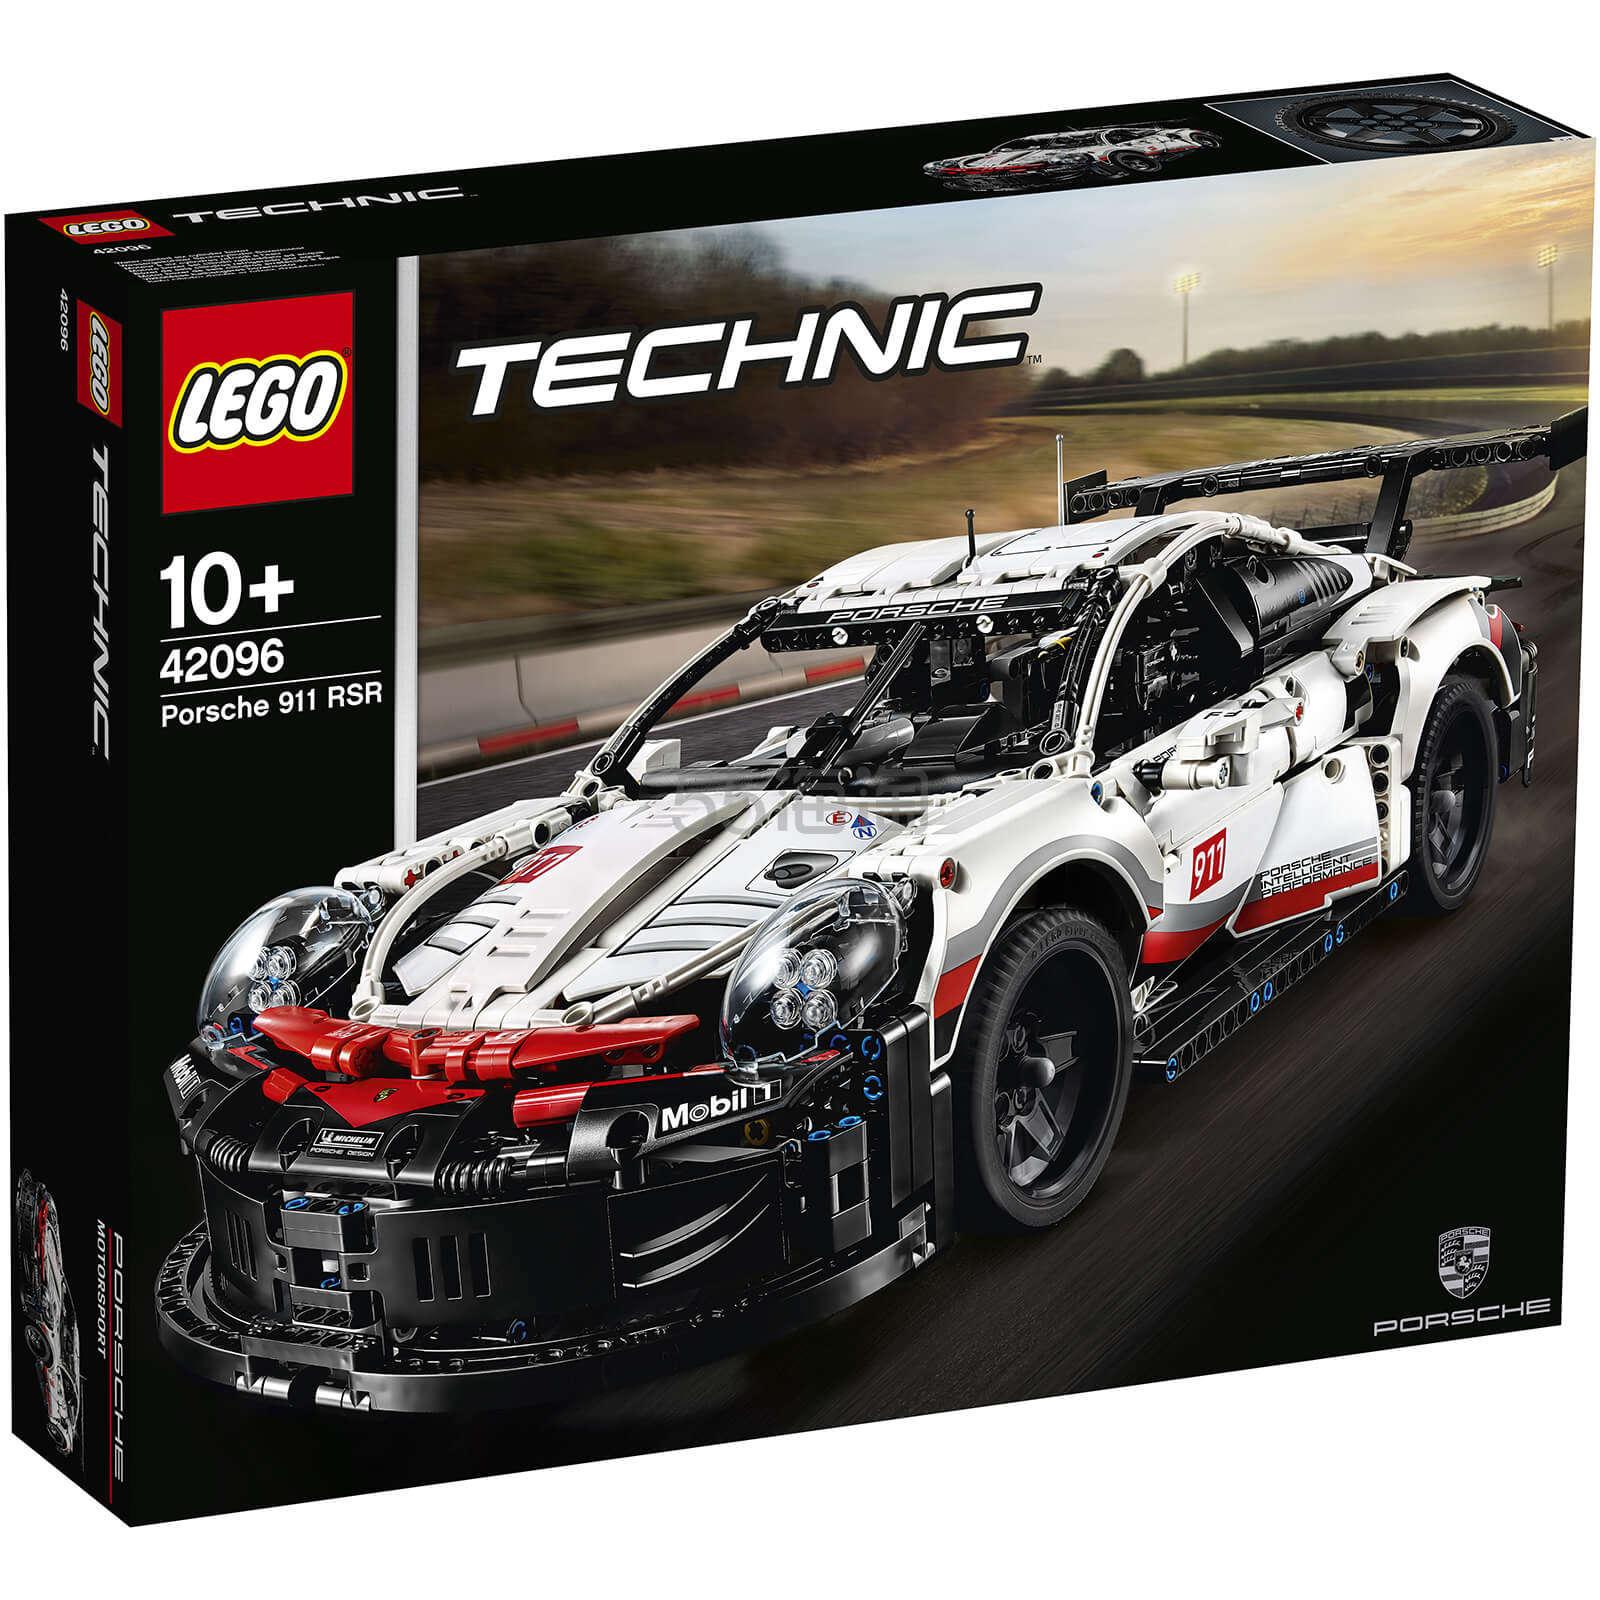 【免邮+税补】LEGO 乐高科技 保时捷911 RSR (42096)